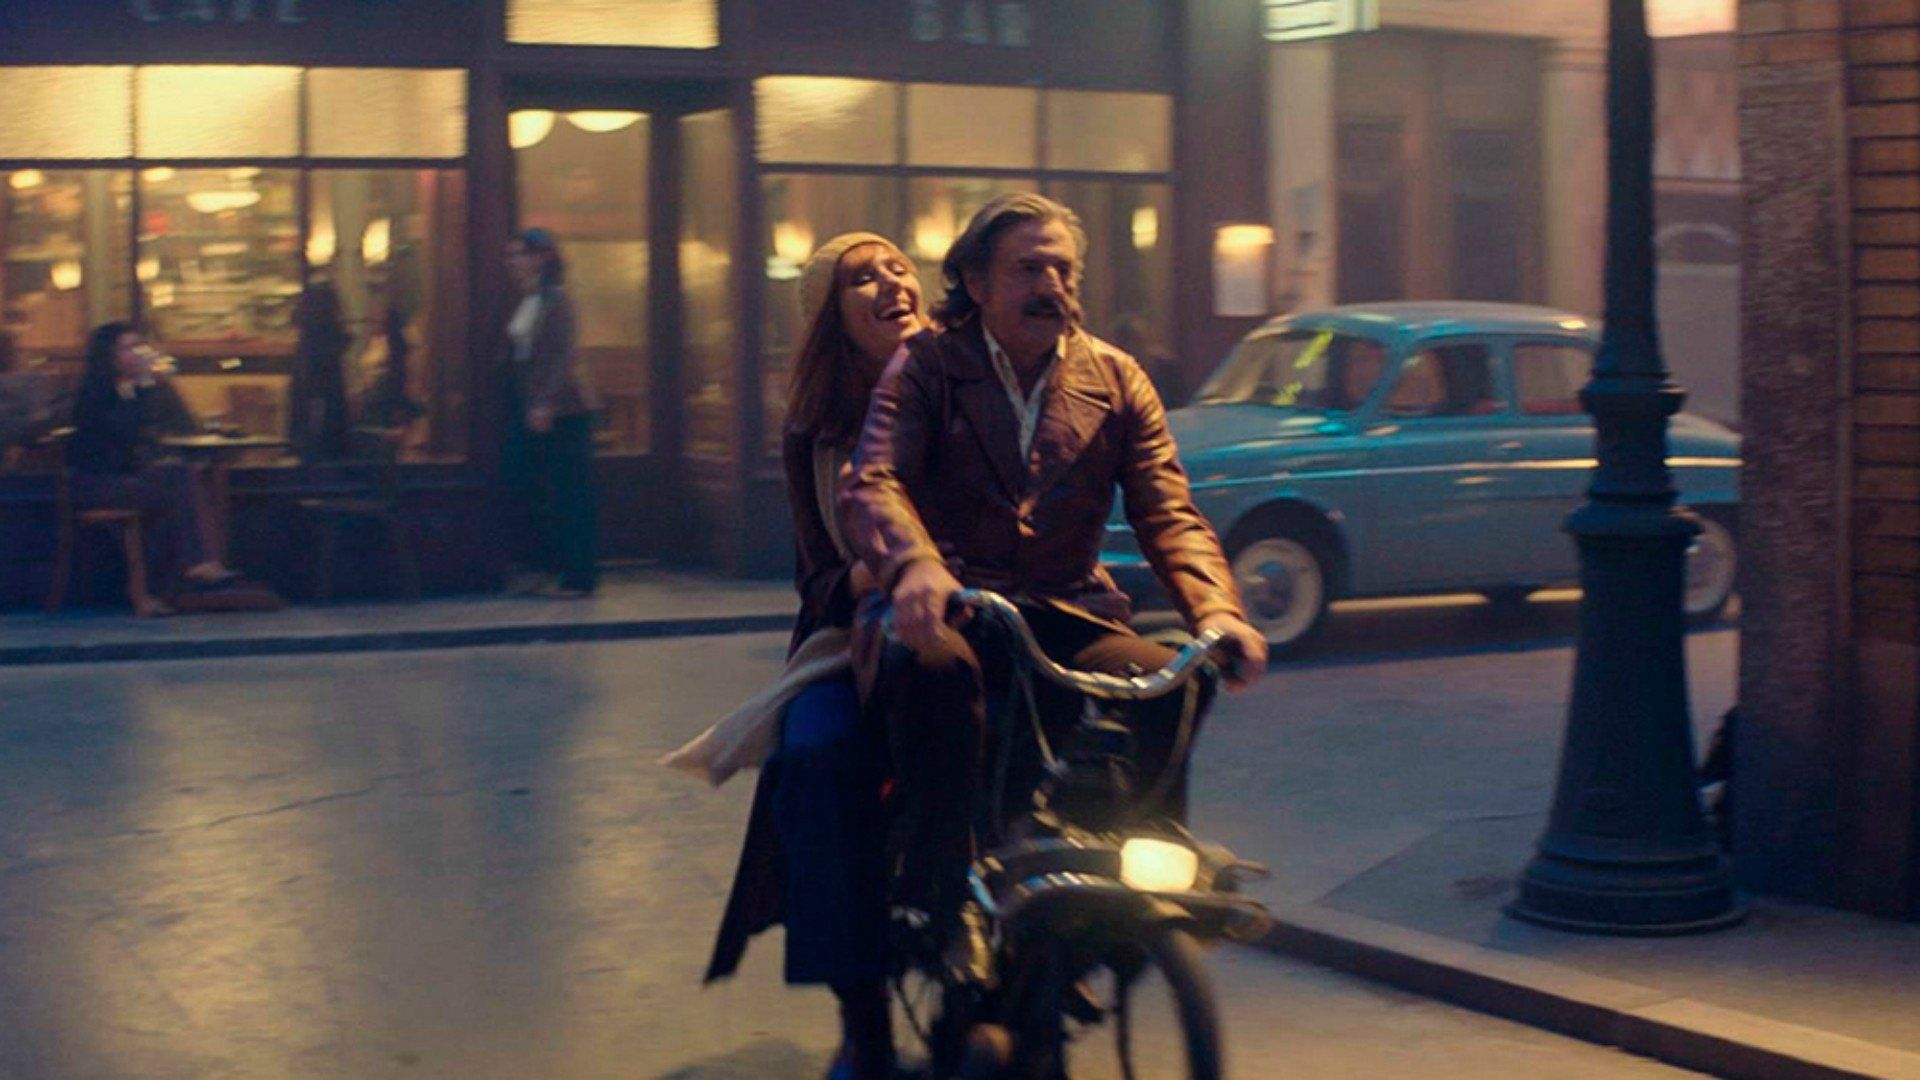 Film in uscita: La belle époque